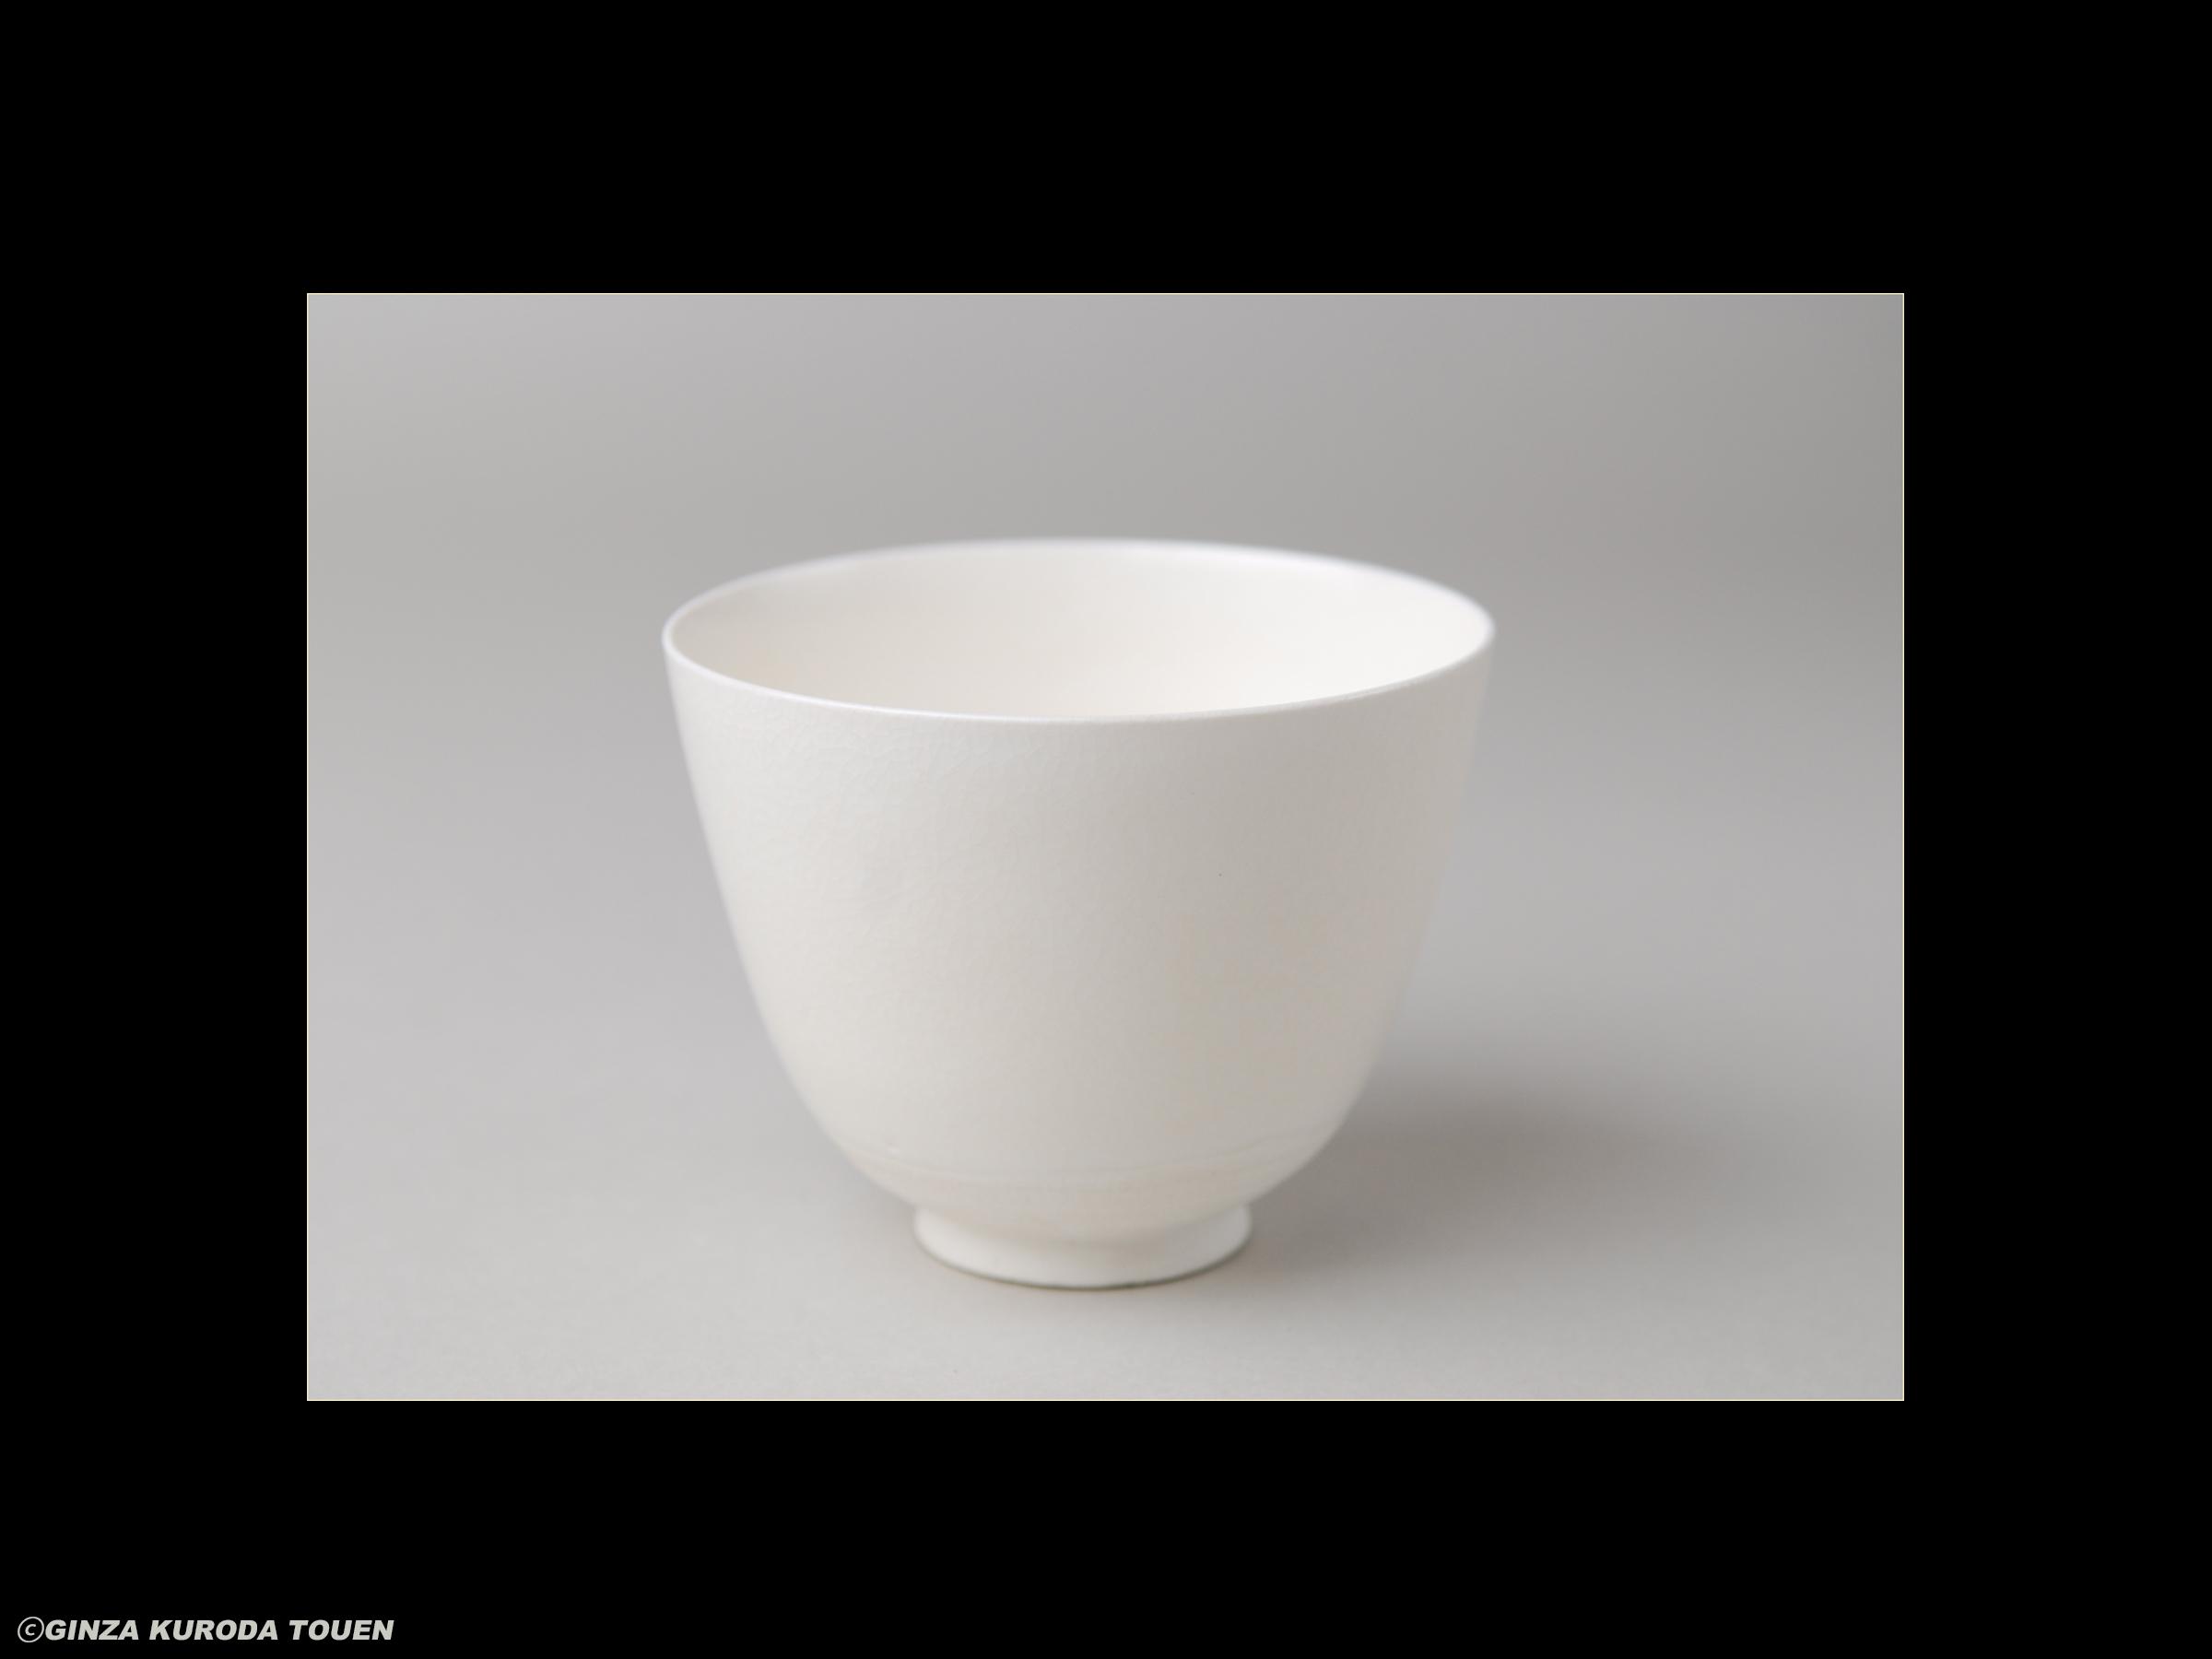 塚本快示 白瓷小碗